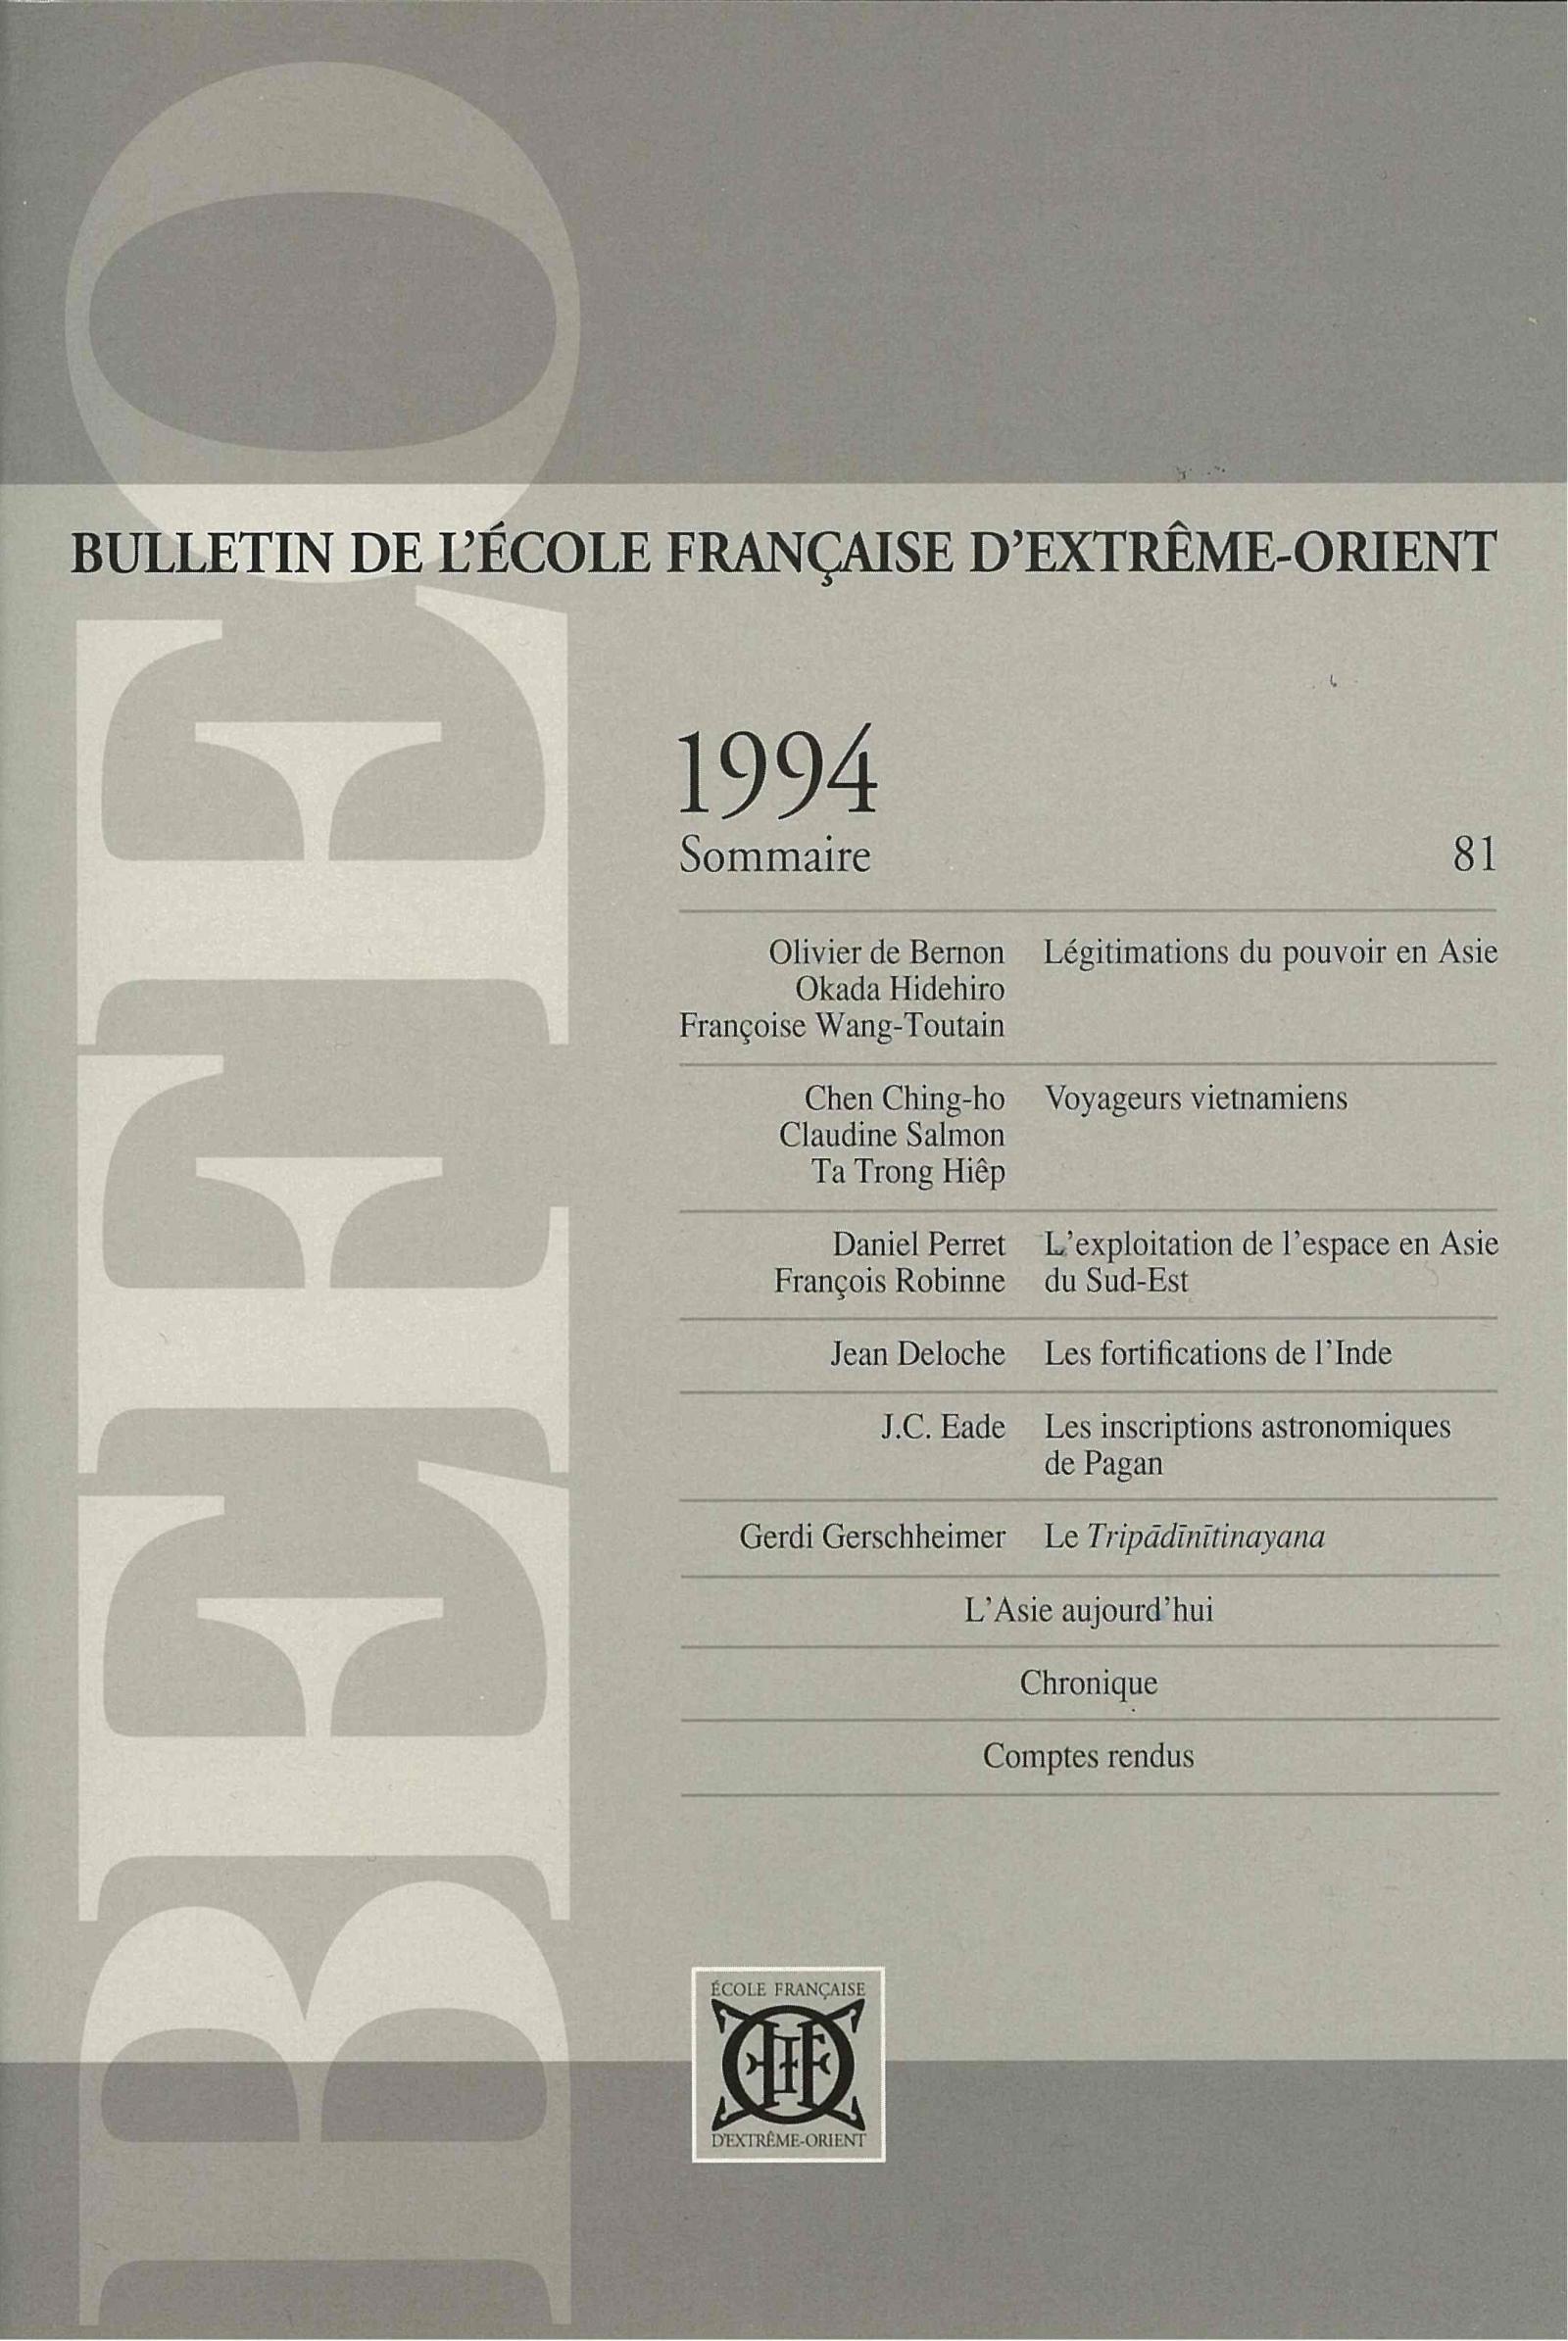 Bulletin de l'Ecole française d'Extrême-Orient 81 (1994)